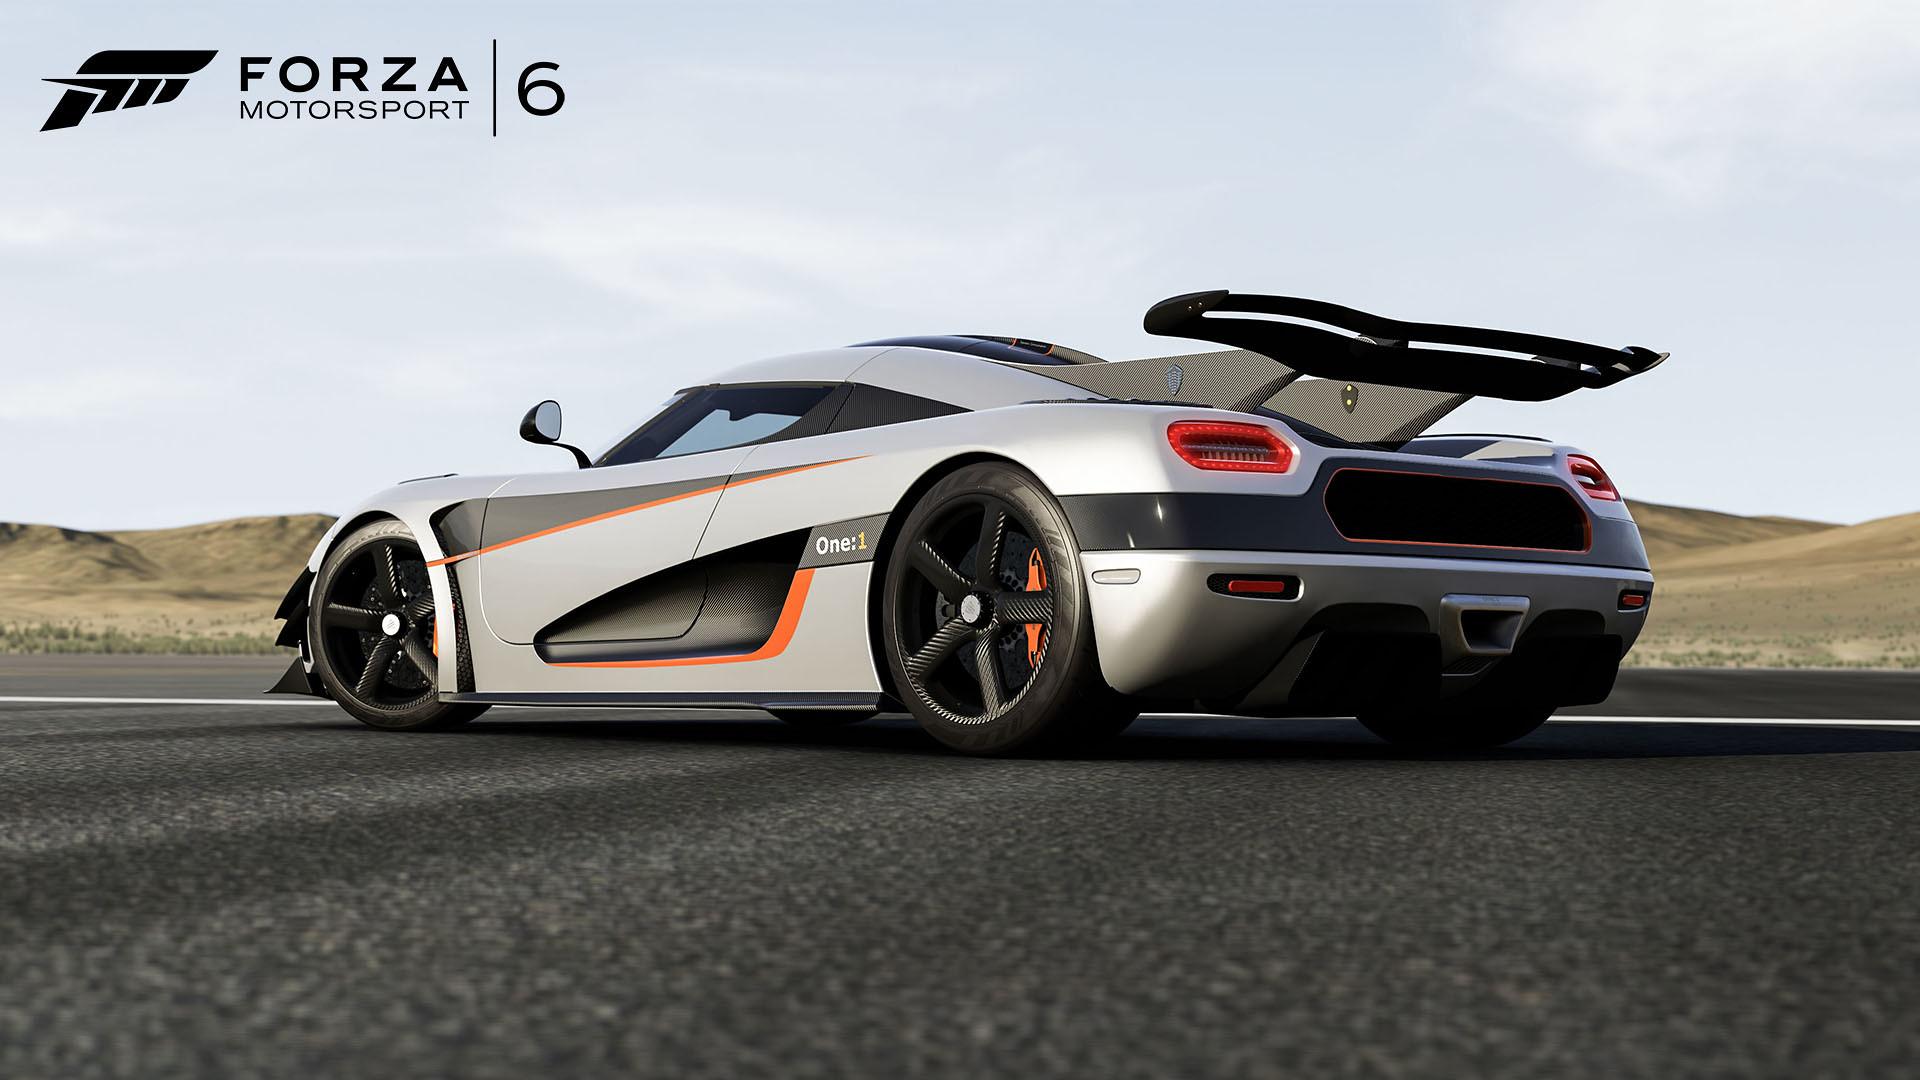 DecDLC_KOE_One_15_Forza6_WM1